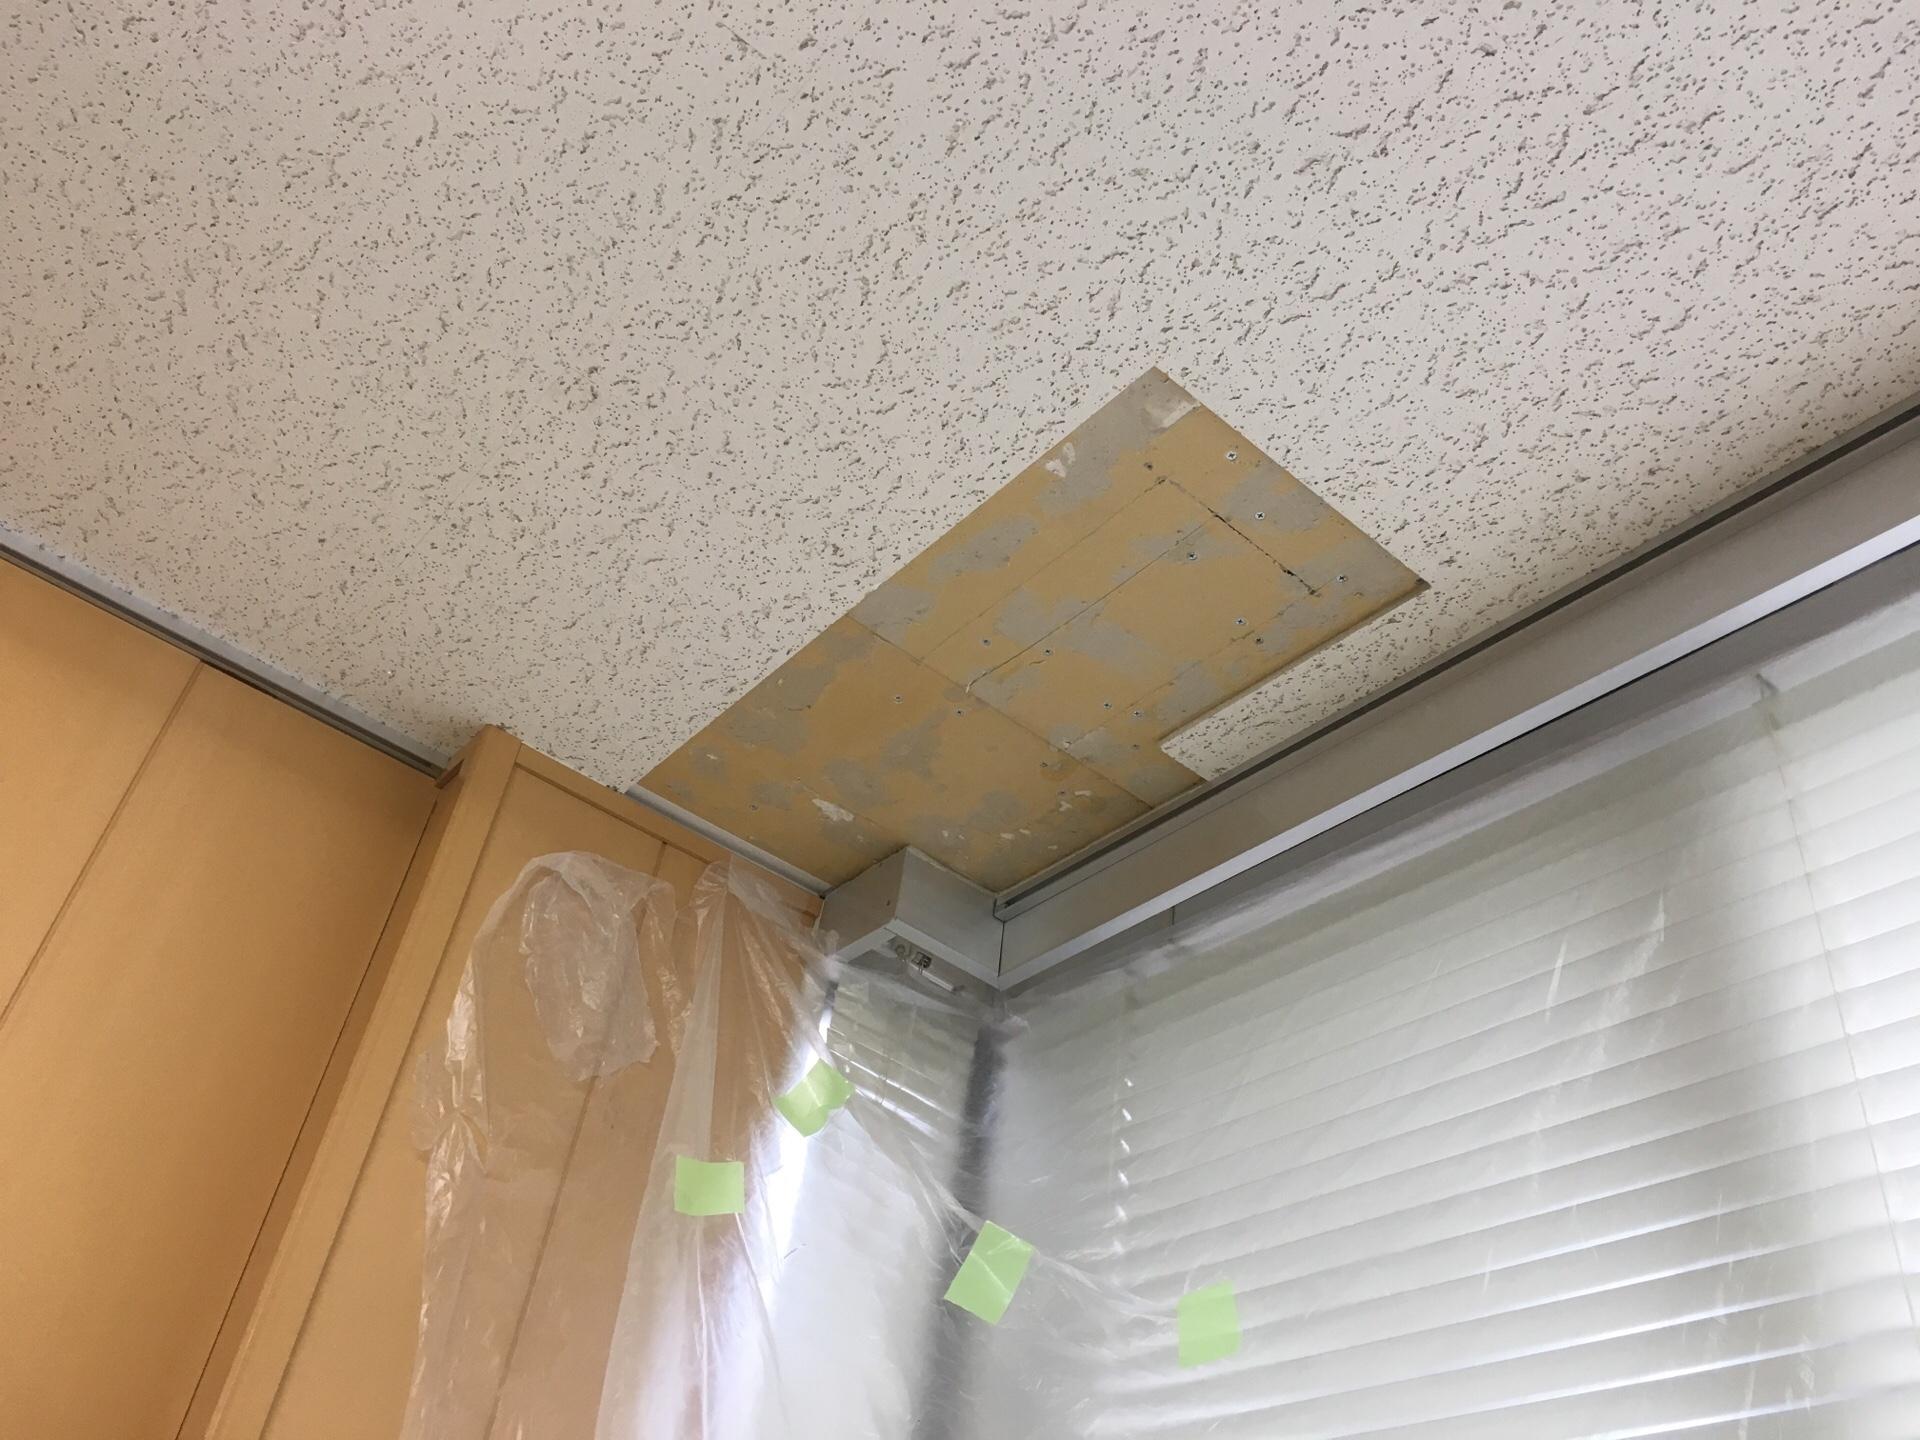 雨漏りした天井の張替え ケンシンのラッキーボーイK